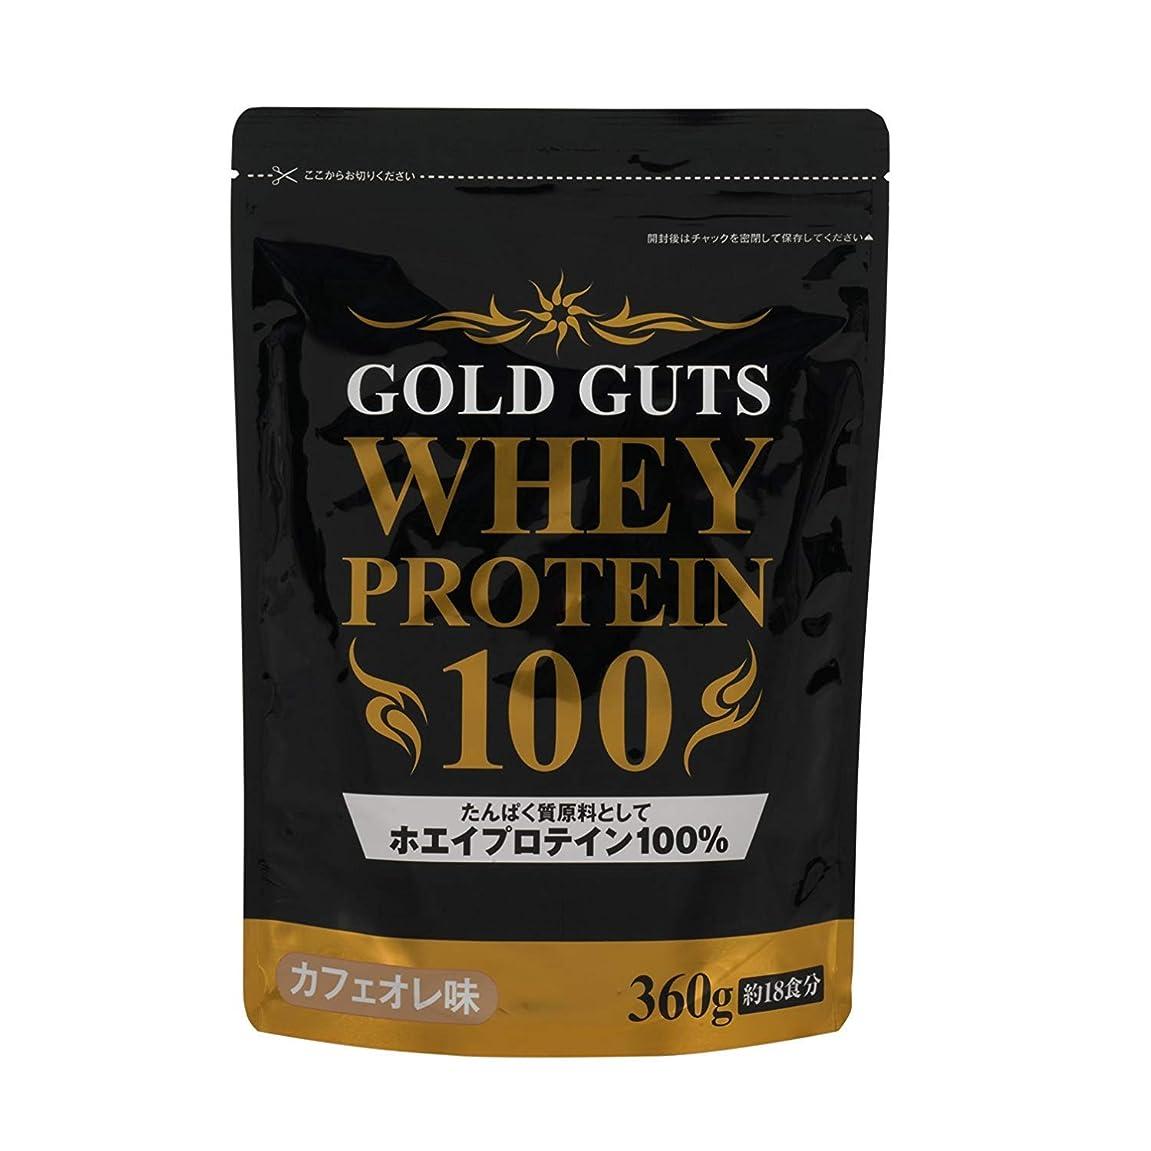 作り上げるジョセフバンクス付添人GOLD GUTS ゴールドガッツホエイプロテイン100% カフェオレ味 360g